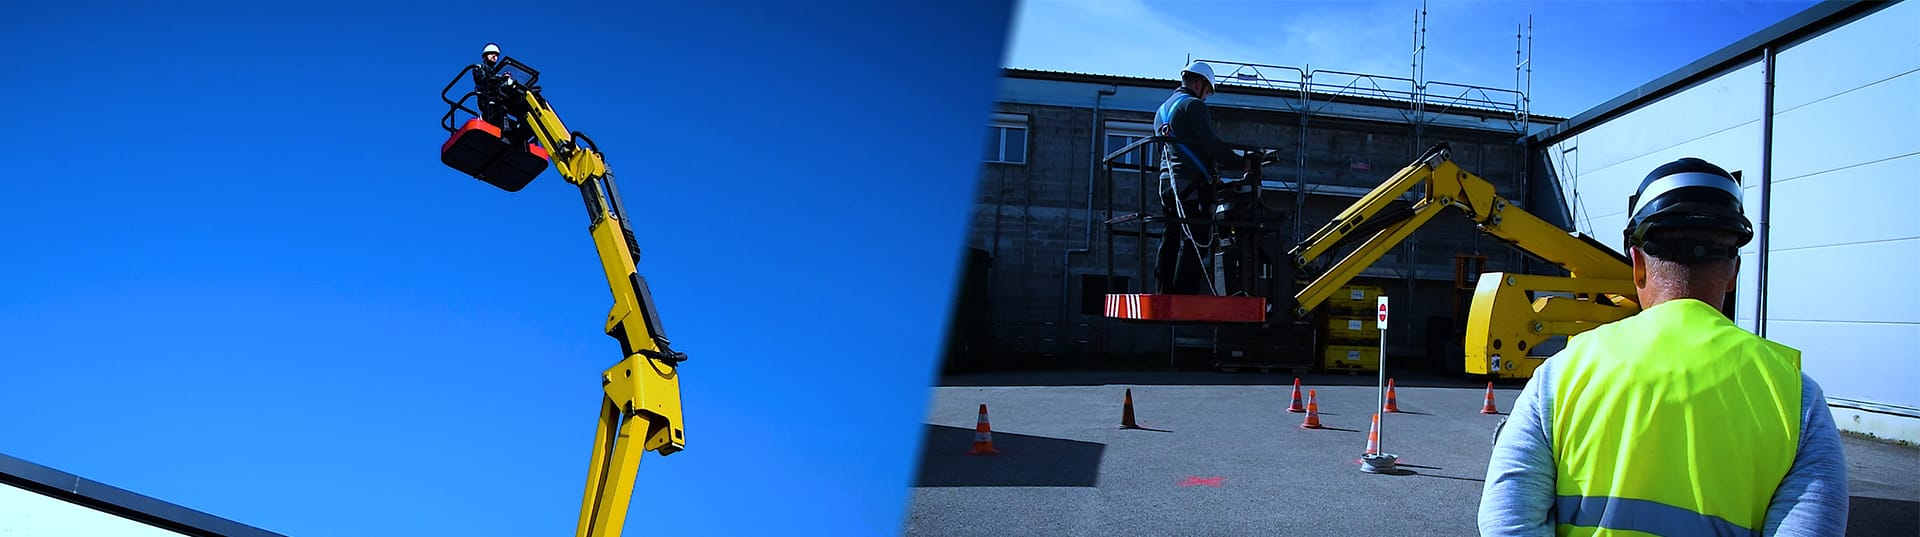 Obtenez votre CACES Nacelle • PEMP grâce à notre formation R482 directement dans votre centre de formation GRP Formations à proximité de Mulhouse